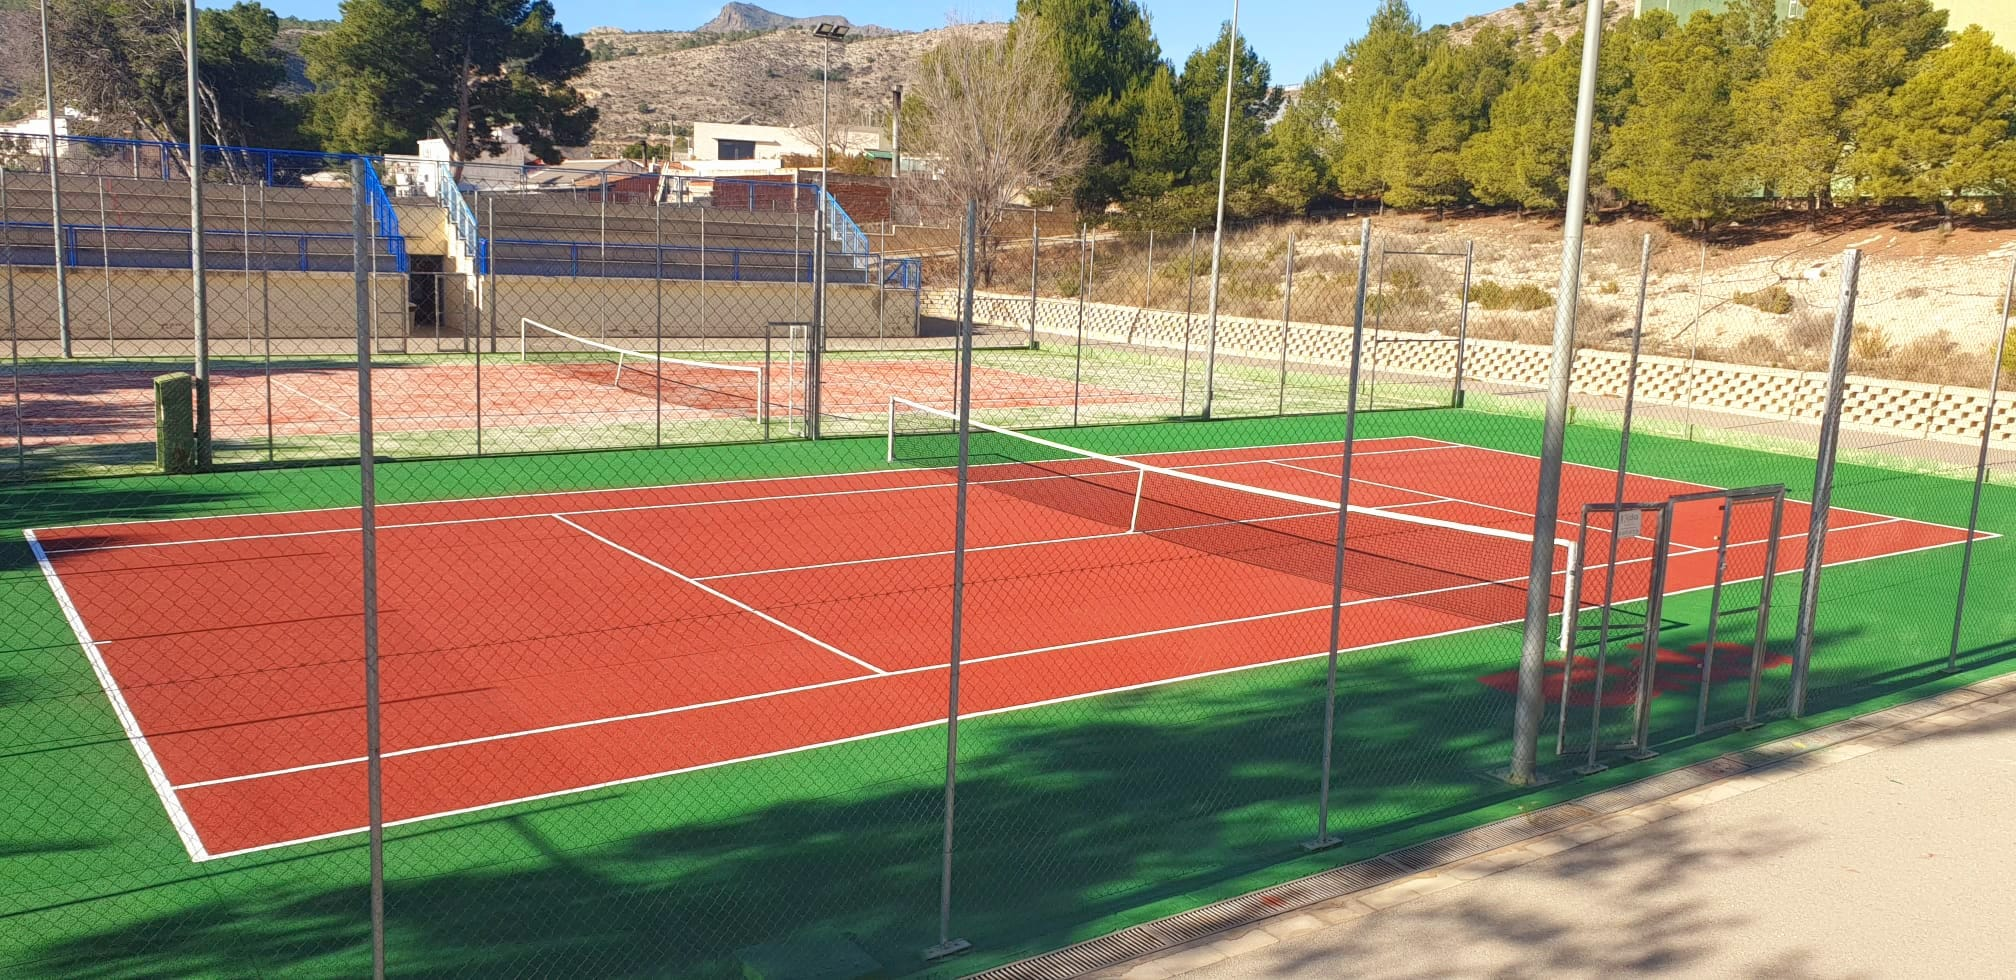 Los trabajos de remodelación de las pistas de tenis de San Crispín concluyen con la instalación de césped artificial en una de ellas